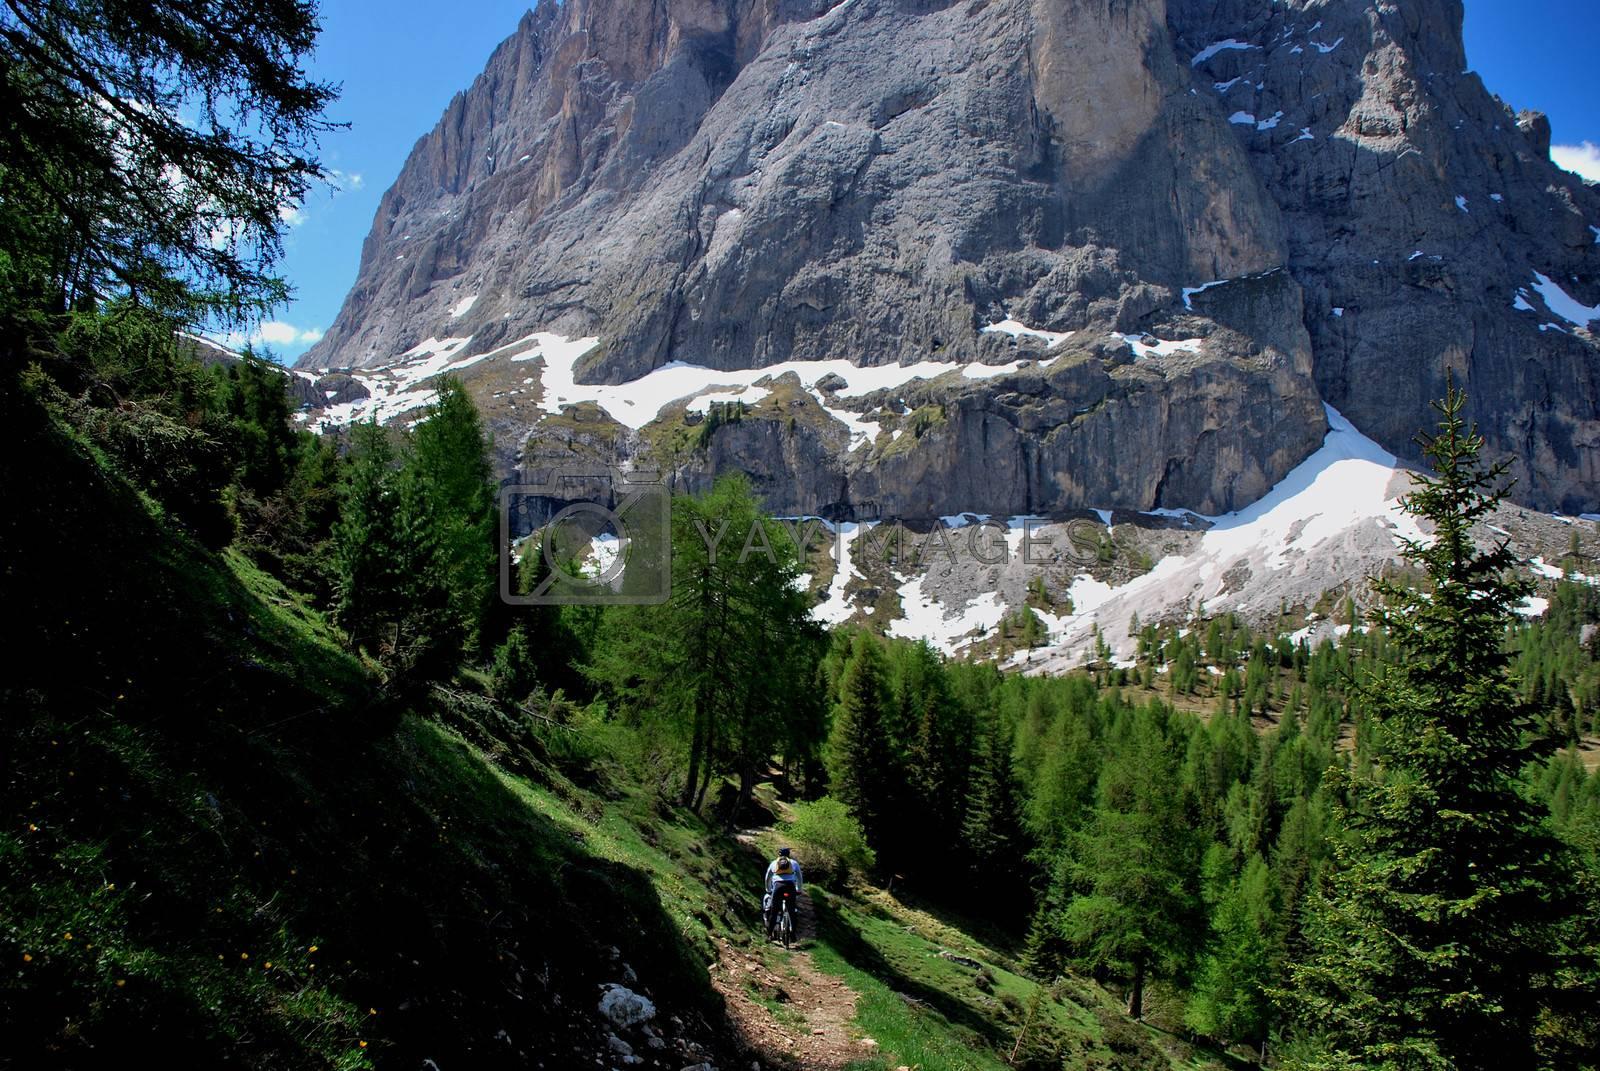 narrow path while mountain biking in the mountains